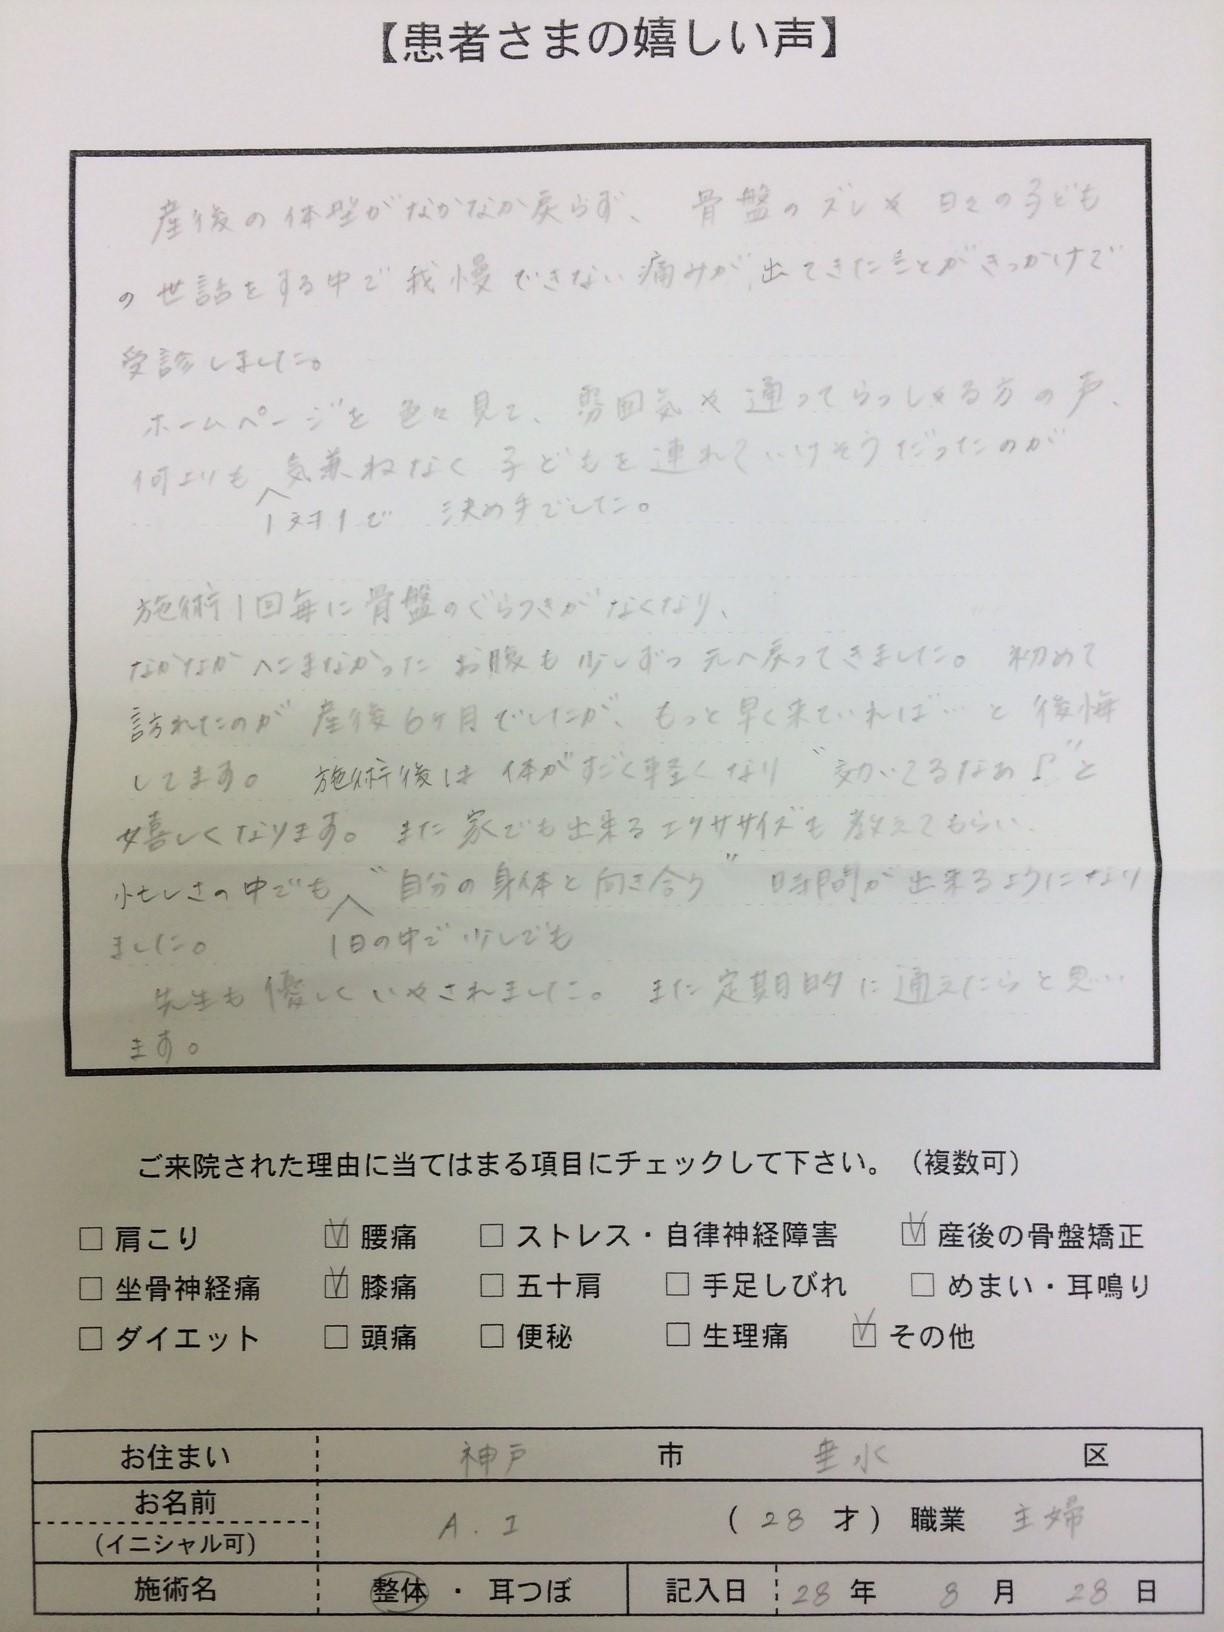 産後骨盤矯正 神戸市垂水区舞子台  A.I様 28才 主婦.jpg